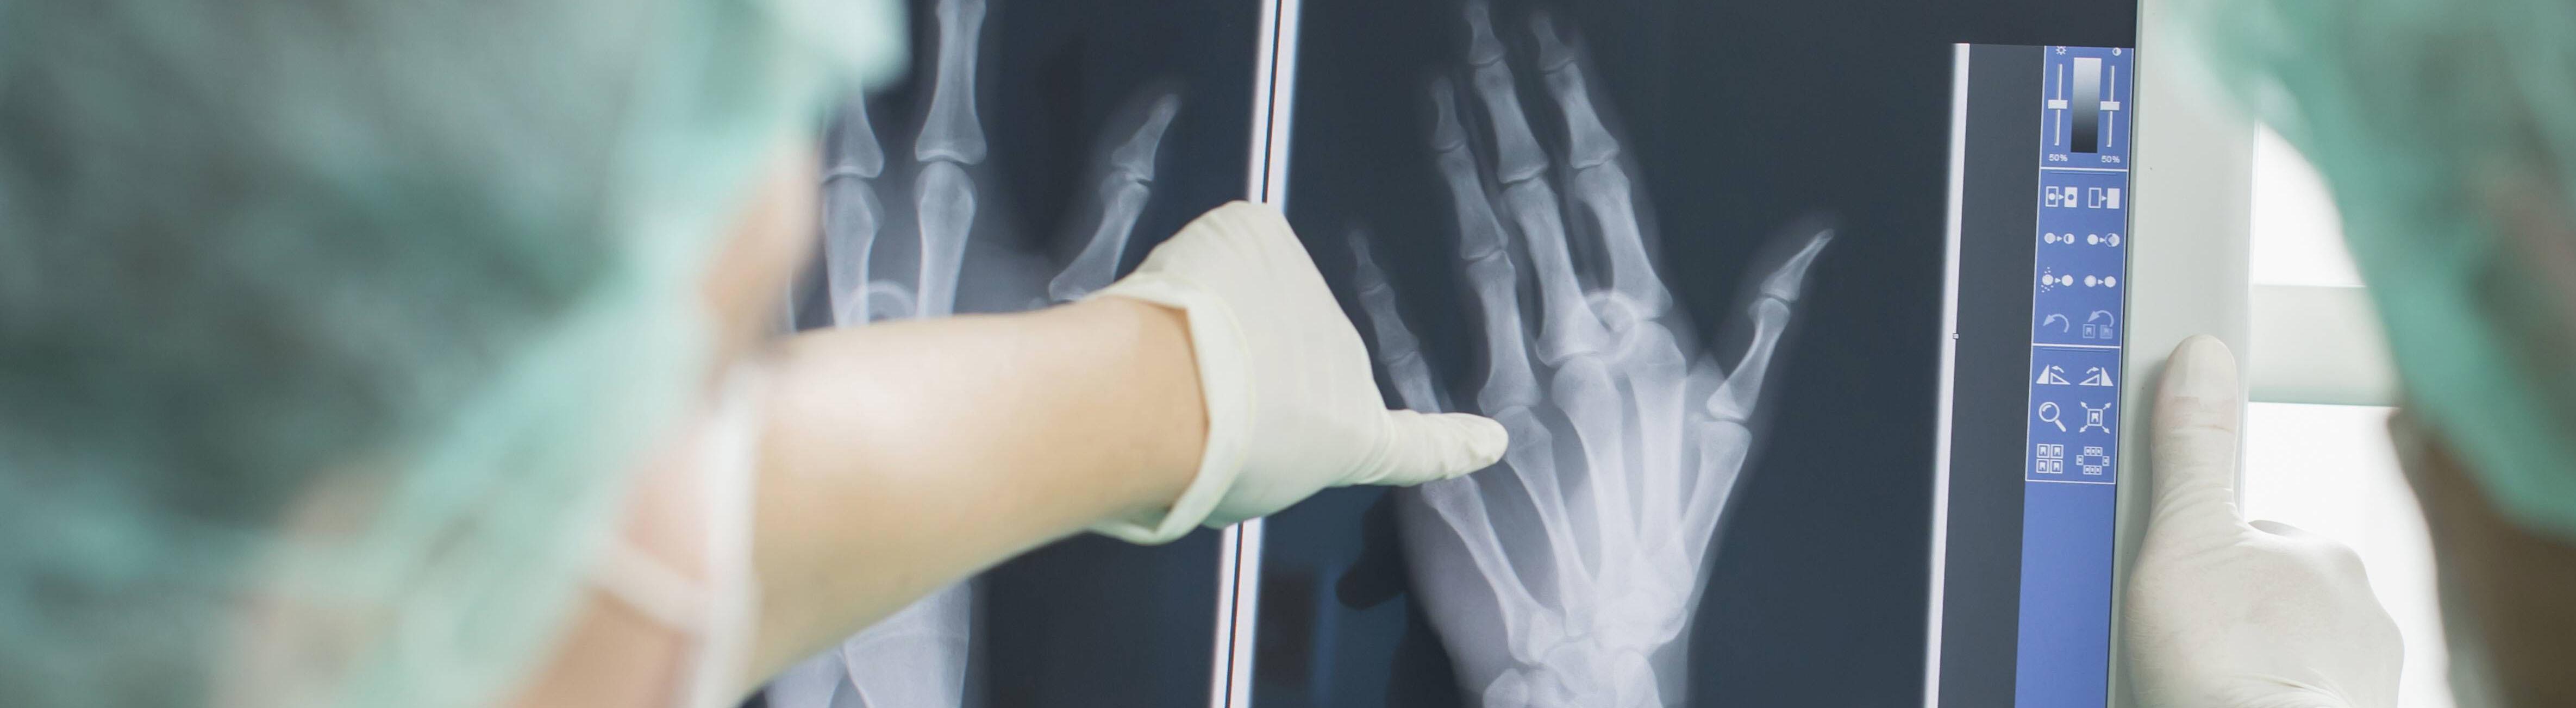 Zwei Chirurgen, die die Röntgenaufnahme einer Hand begutachten.